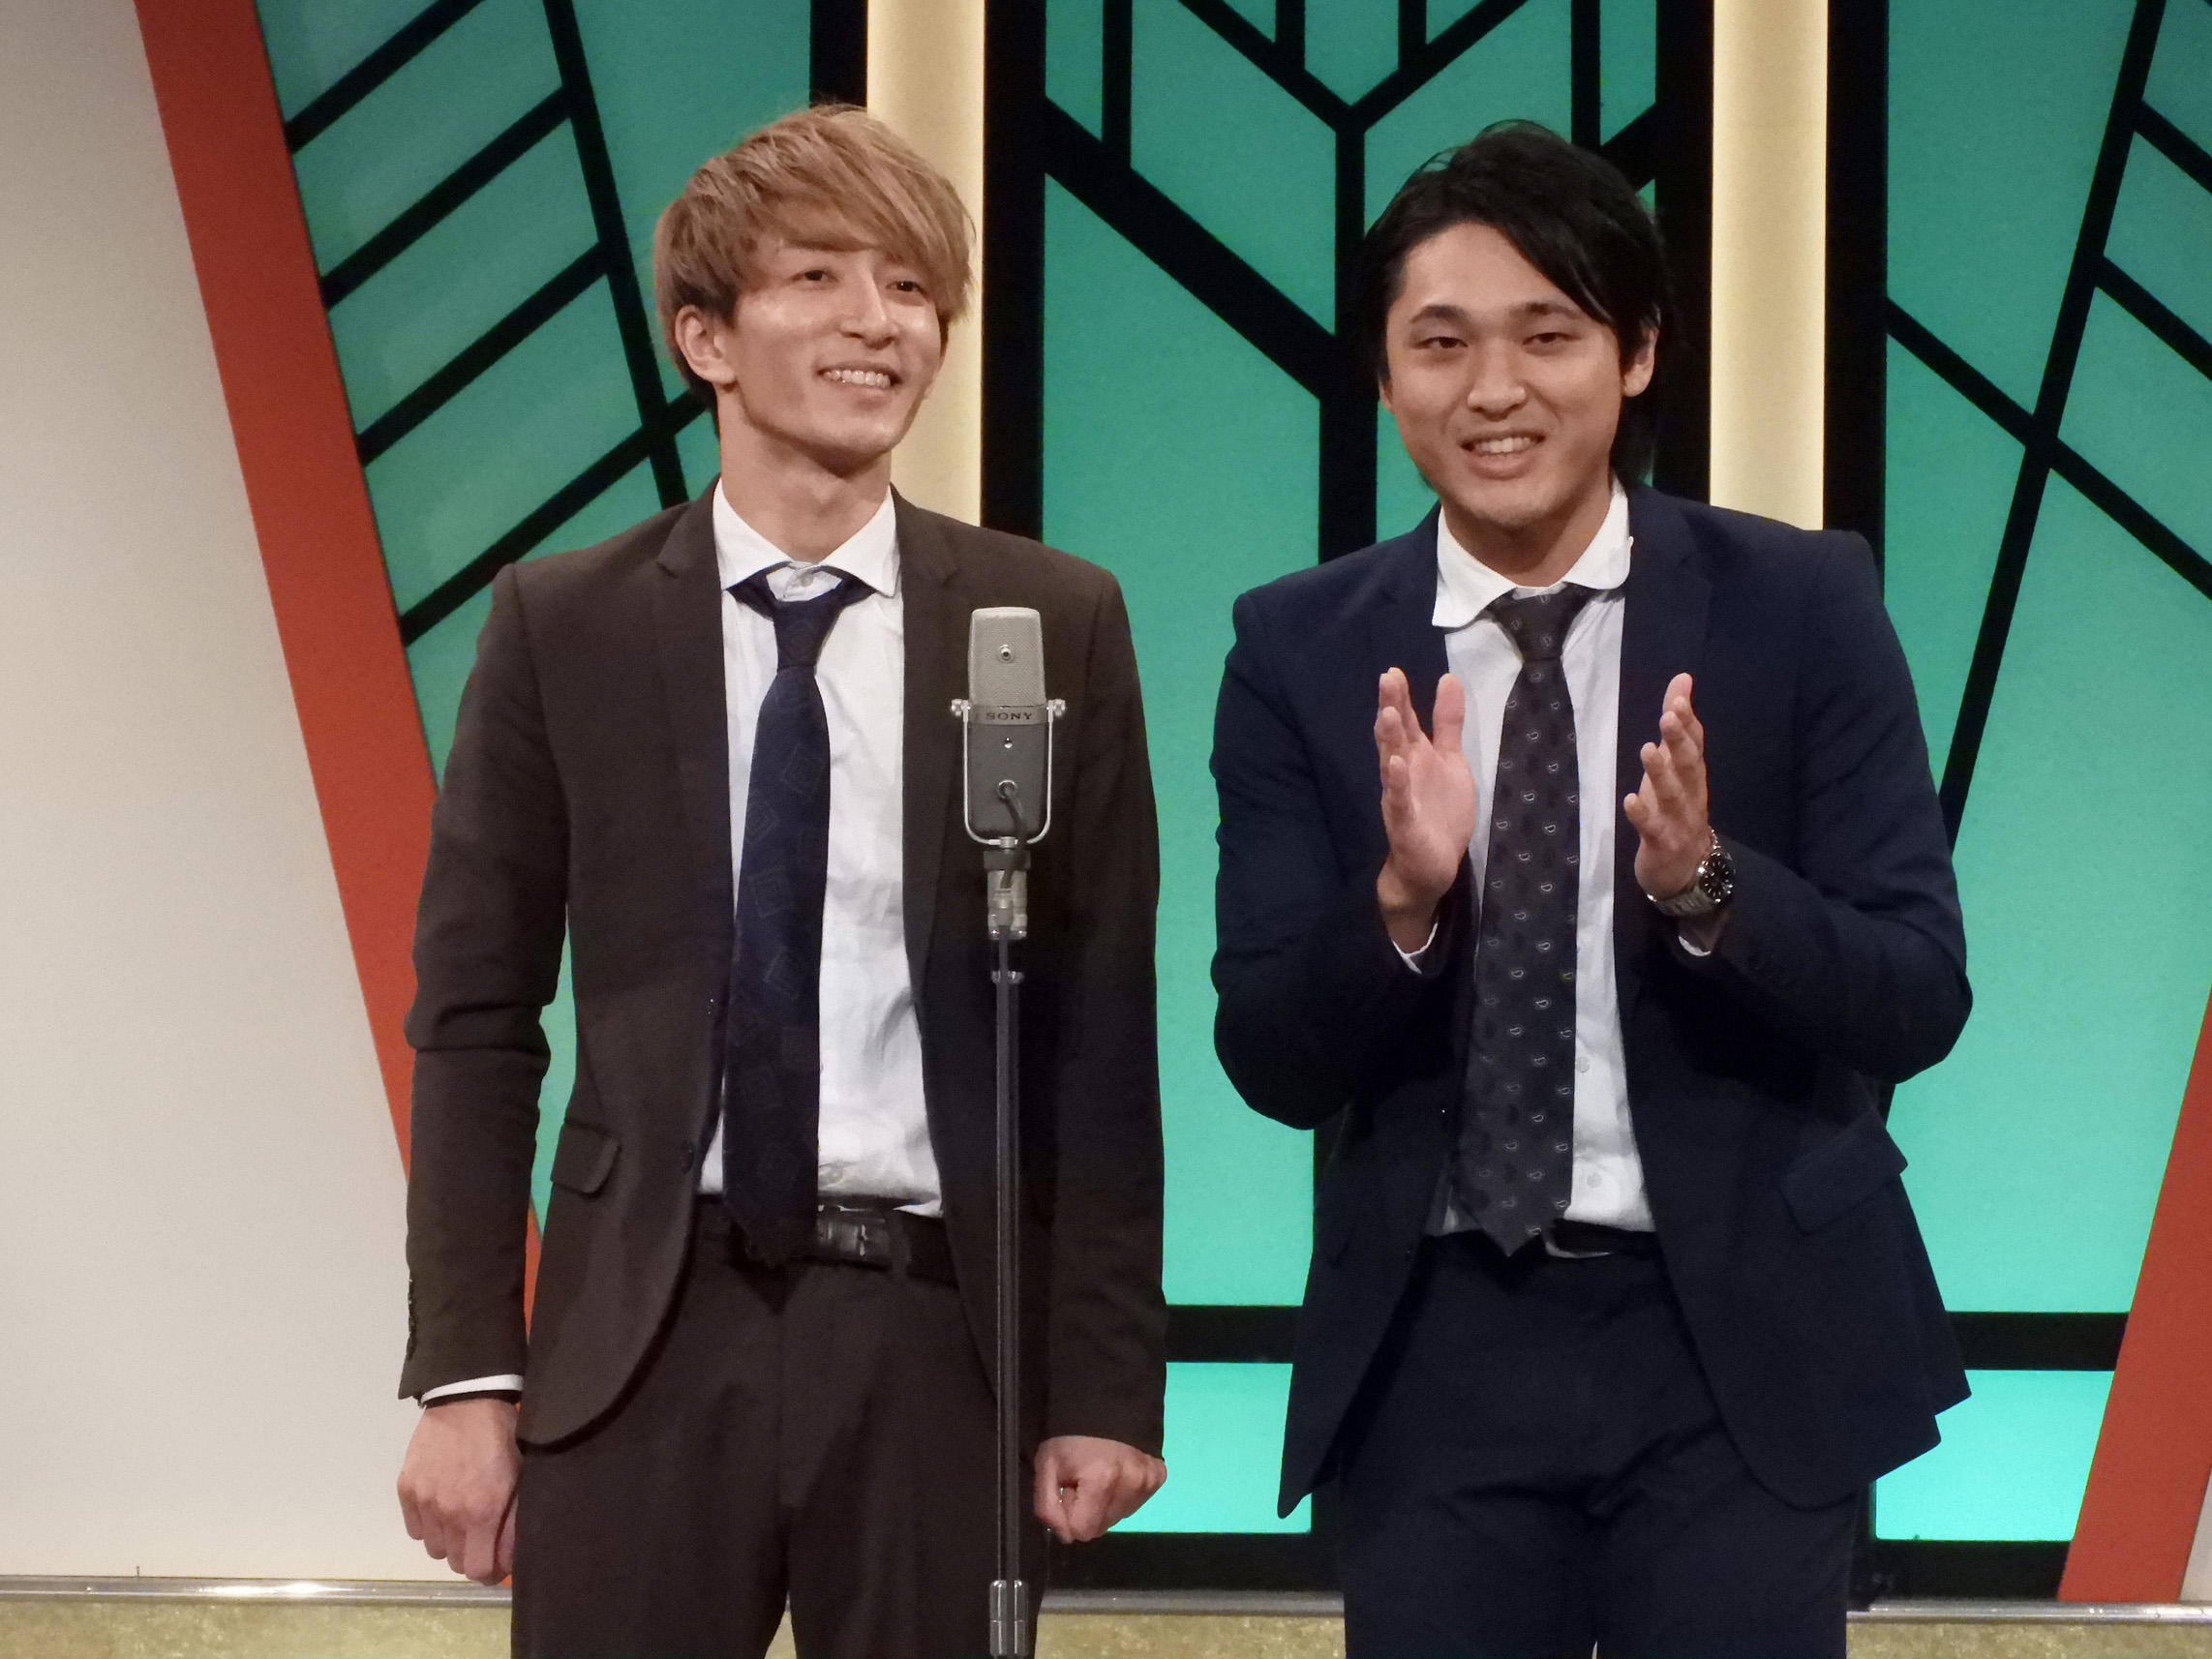 http://news.yoshimoto.co.jp/20180914110935-3b5fbdc6e5abd6f48ccc036fed44a8cc1c5a8a3f.jpg